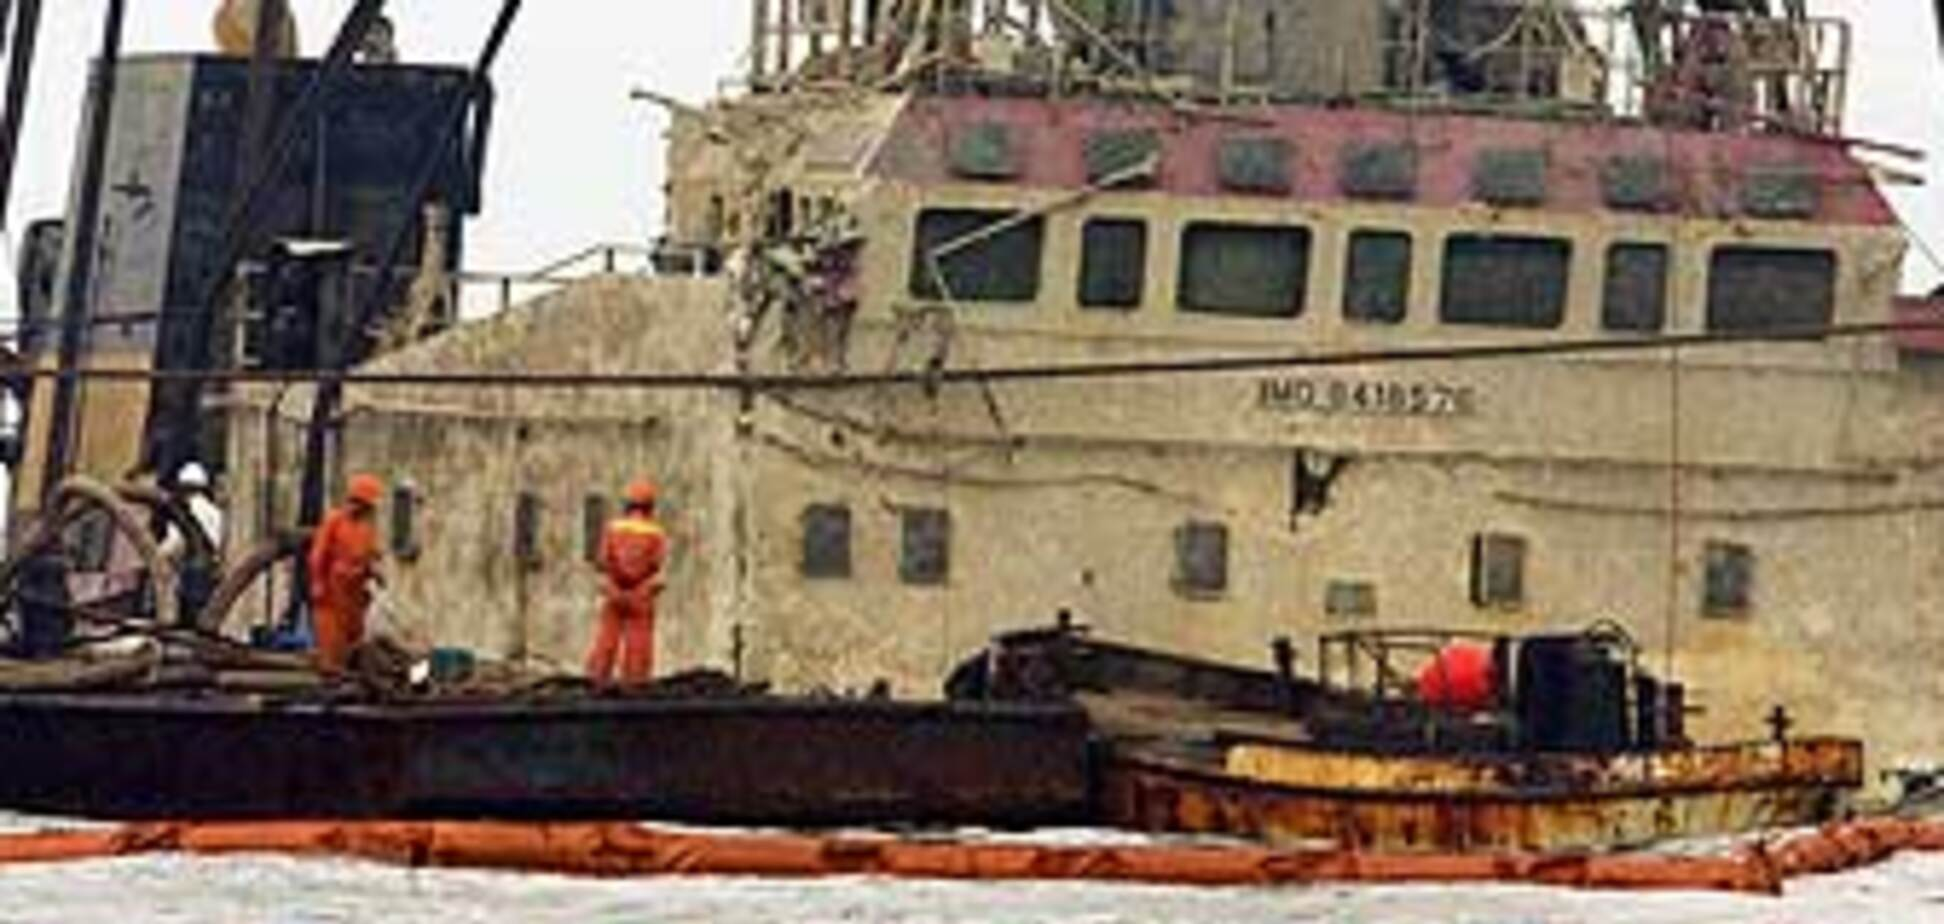 У погибших моряков 'Нефтегаз-67' тайно вырезали органы